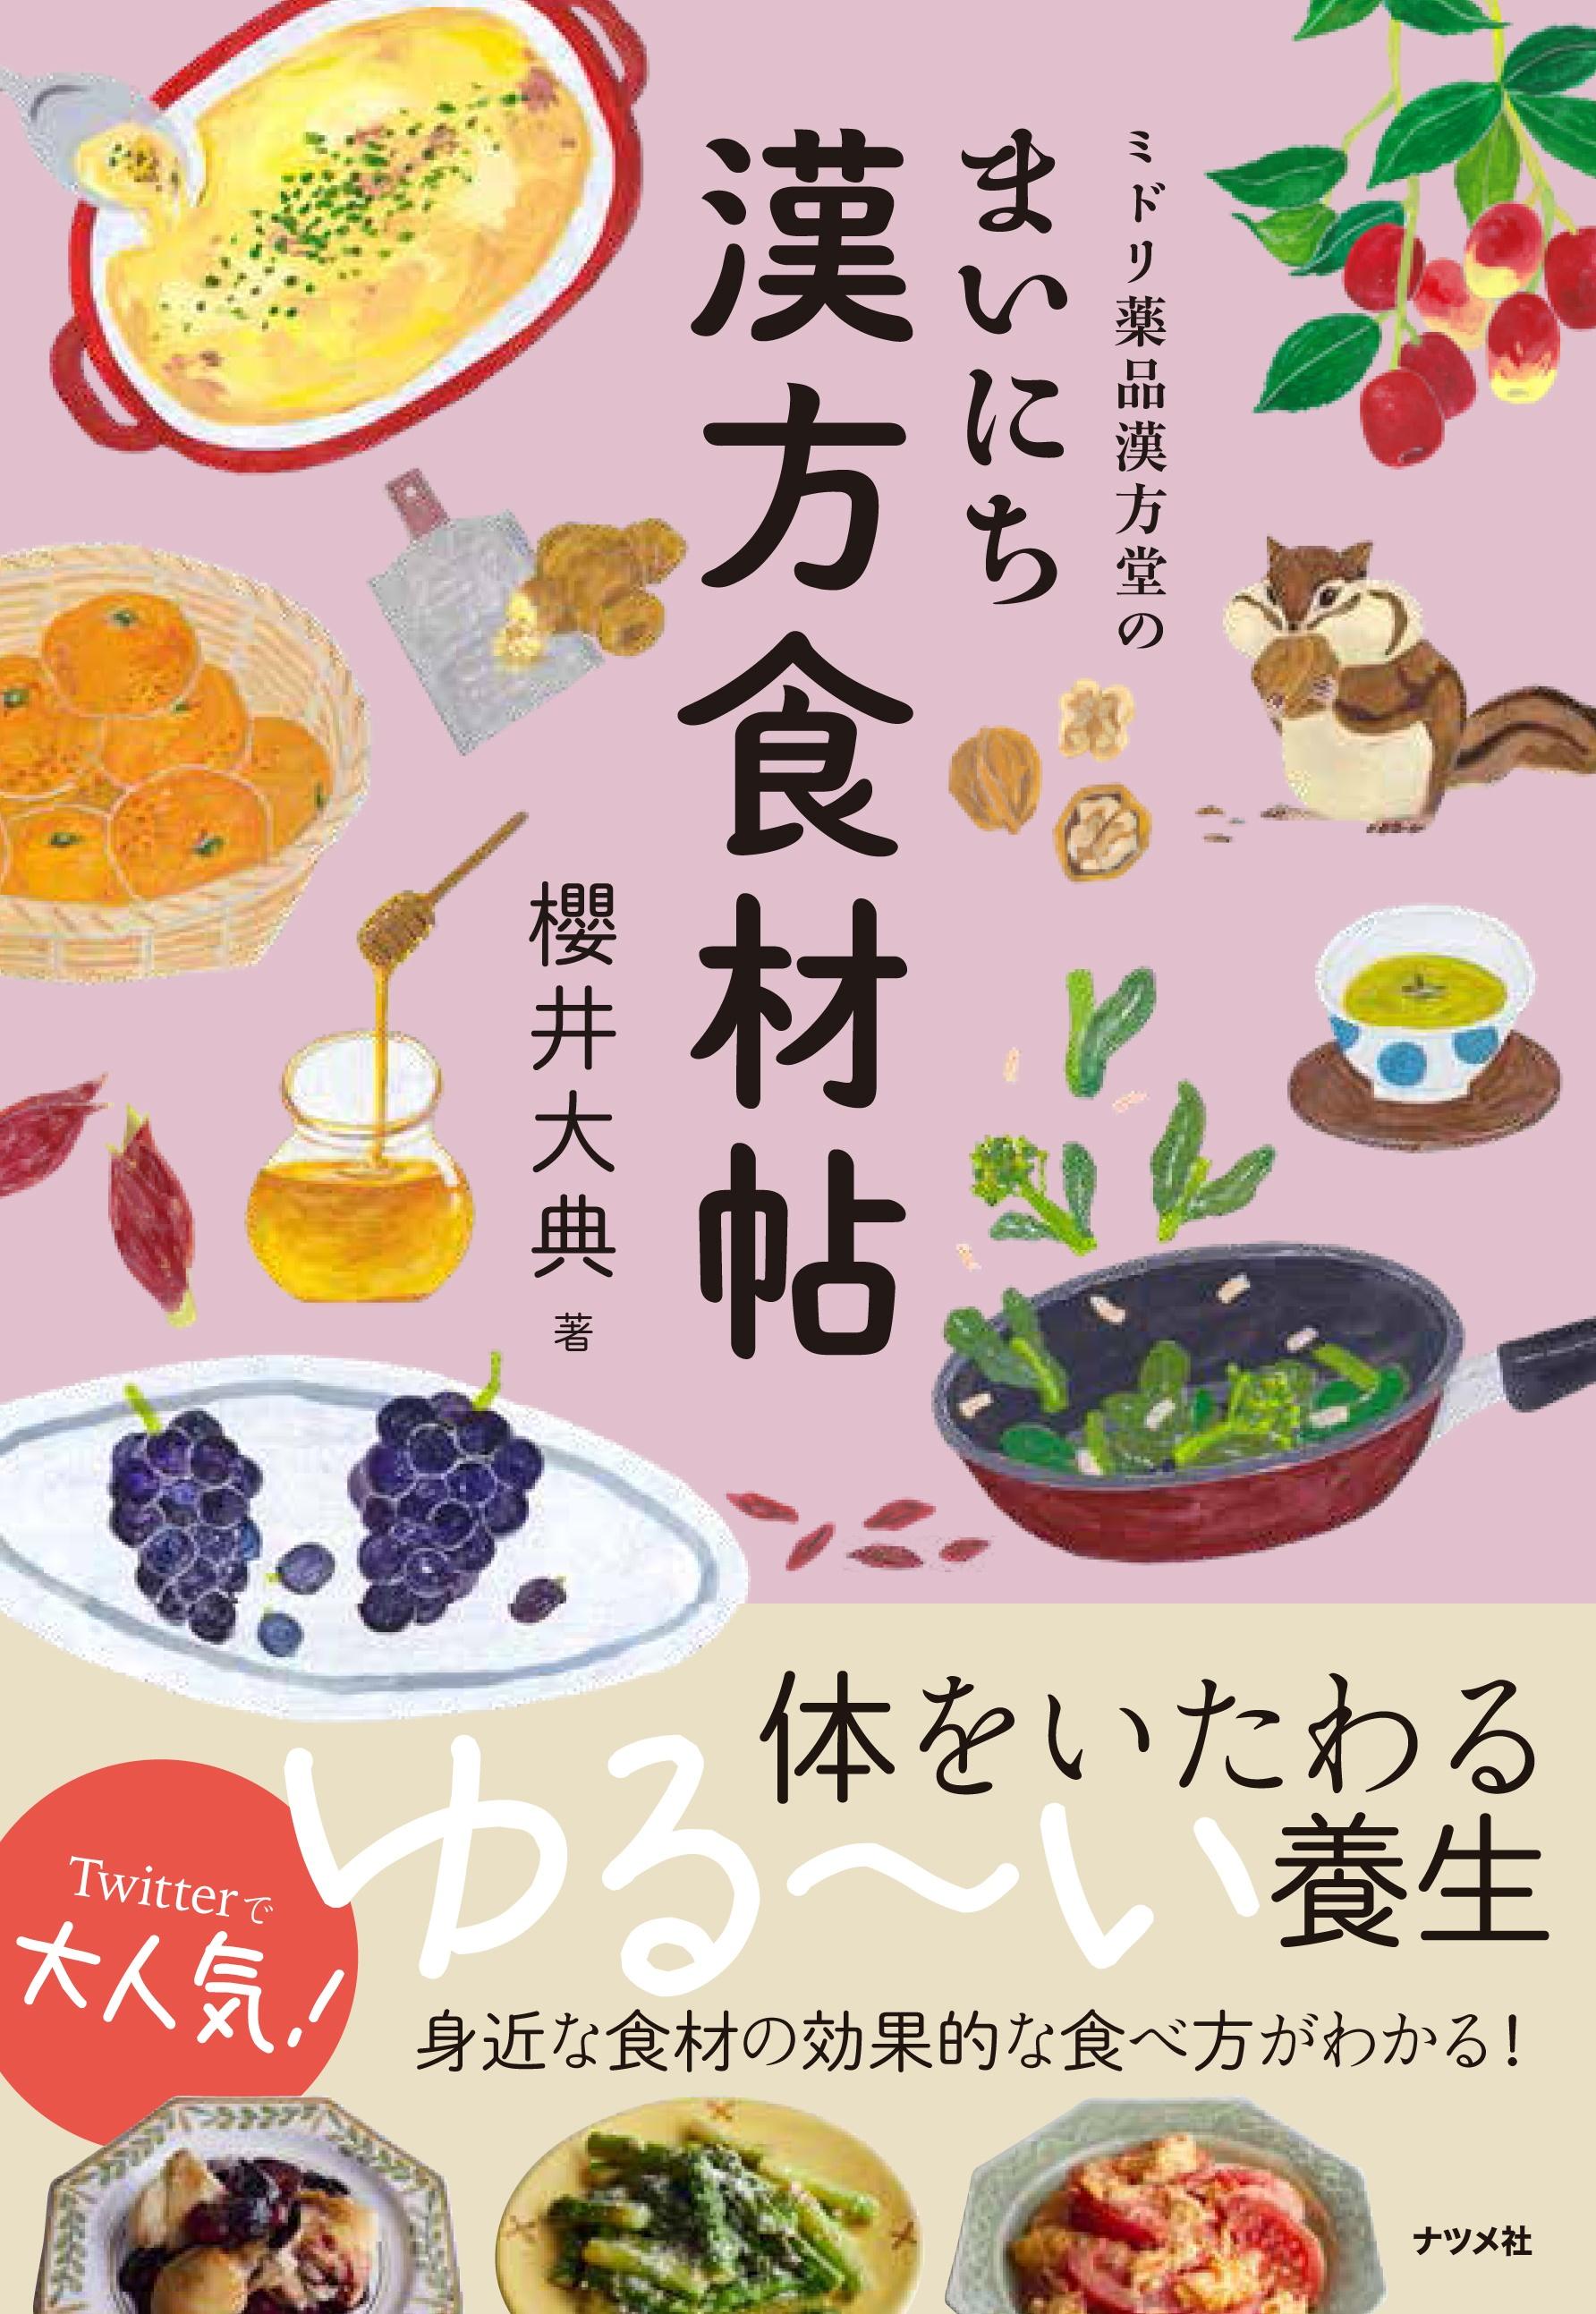 ミドリ薬品漢方堂のまいにち漢方食材帖の表紙